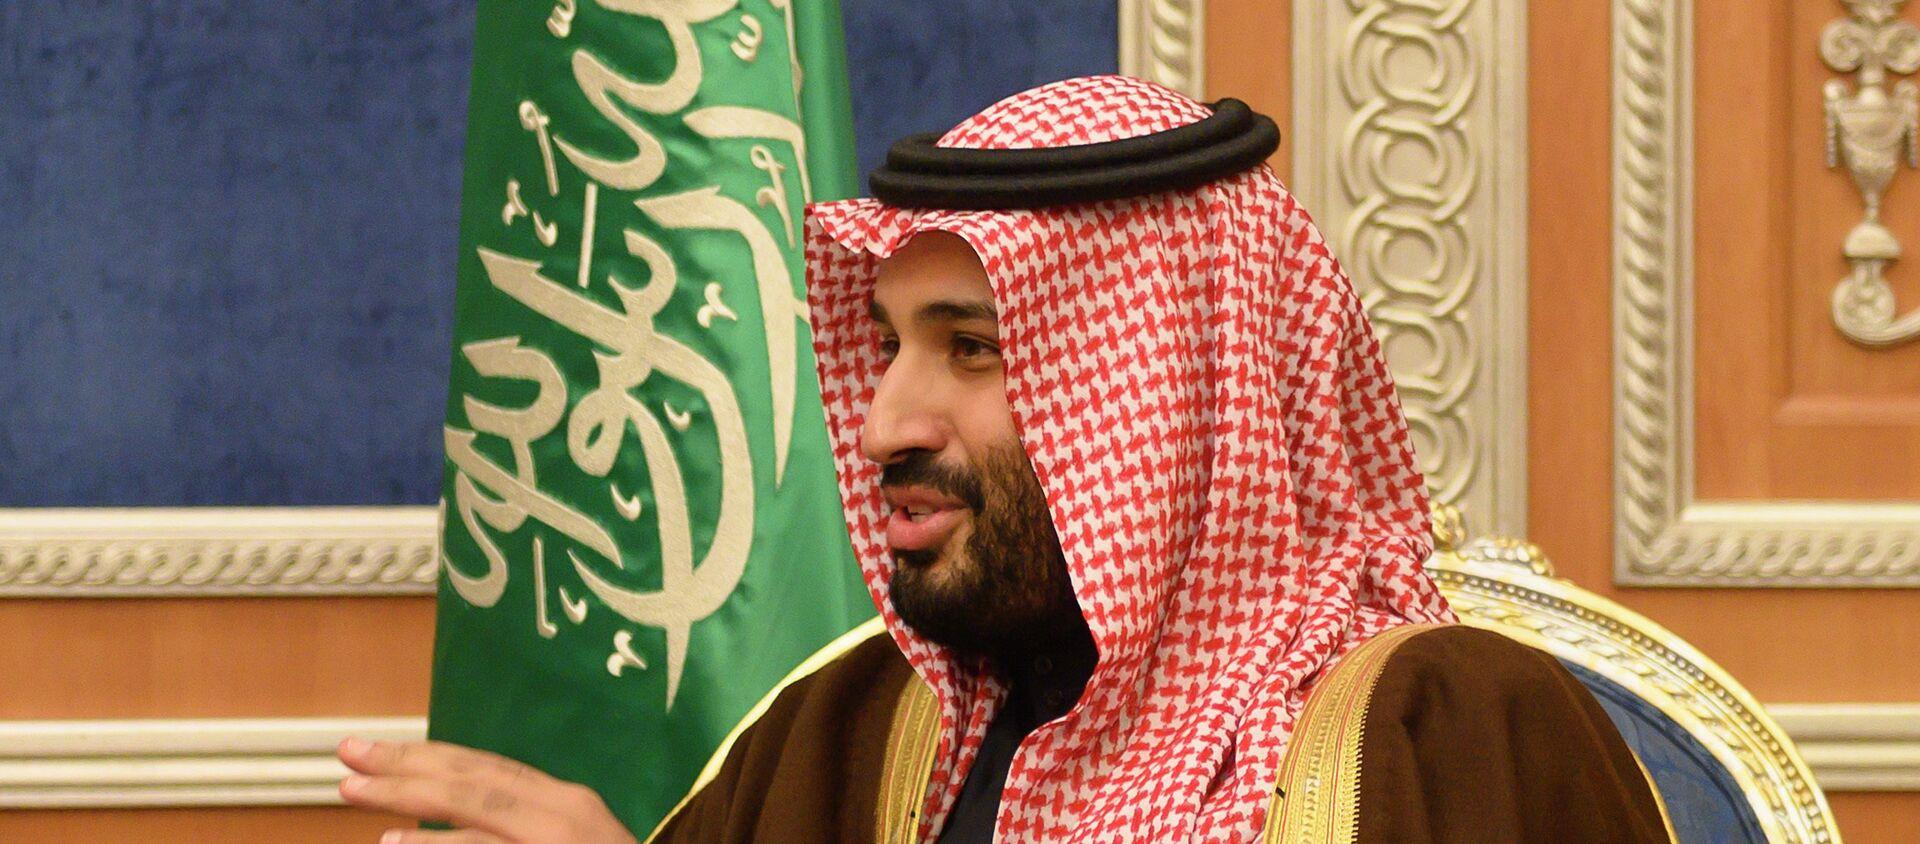 Ο πρίγκηπας της Σαουδικής Αραβίας, Μοχάμεντ Μπιν Σαλμάν - Sputnik Ελλάδα, 1920, 22.01.2020